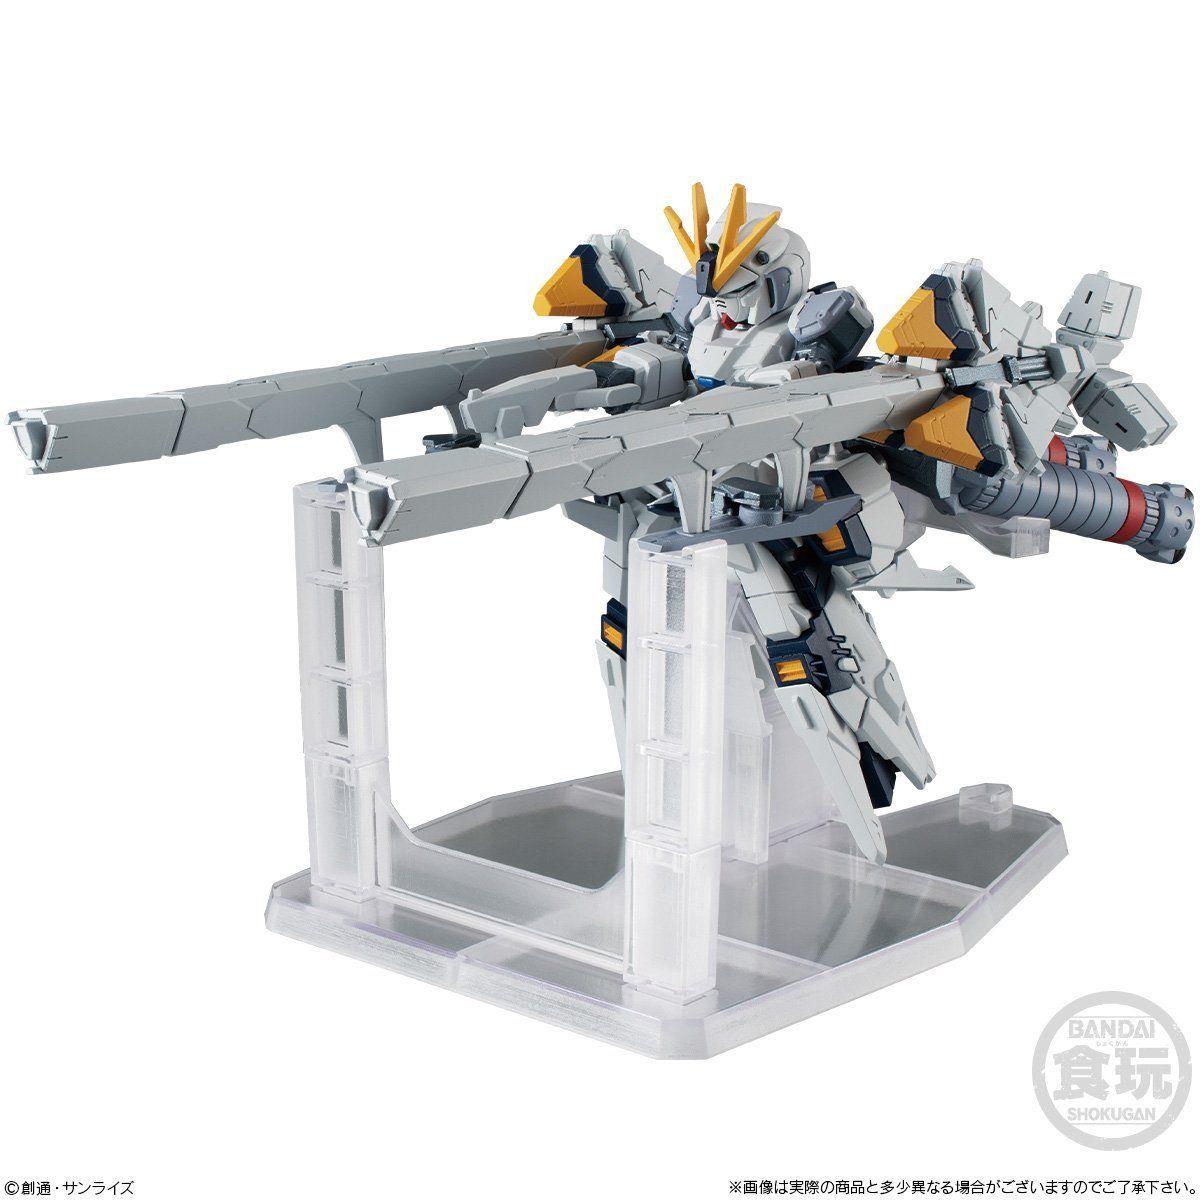 【食玩】FW GUNDAM CONVERGE『EX28 ナラティブガンダムA装備』機動戦士ガンダムNT 食玩フィギュア-007